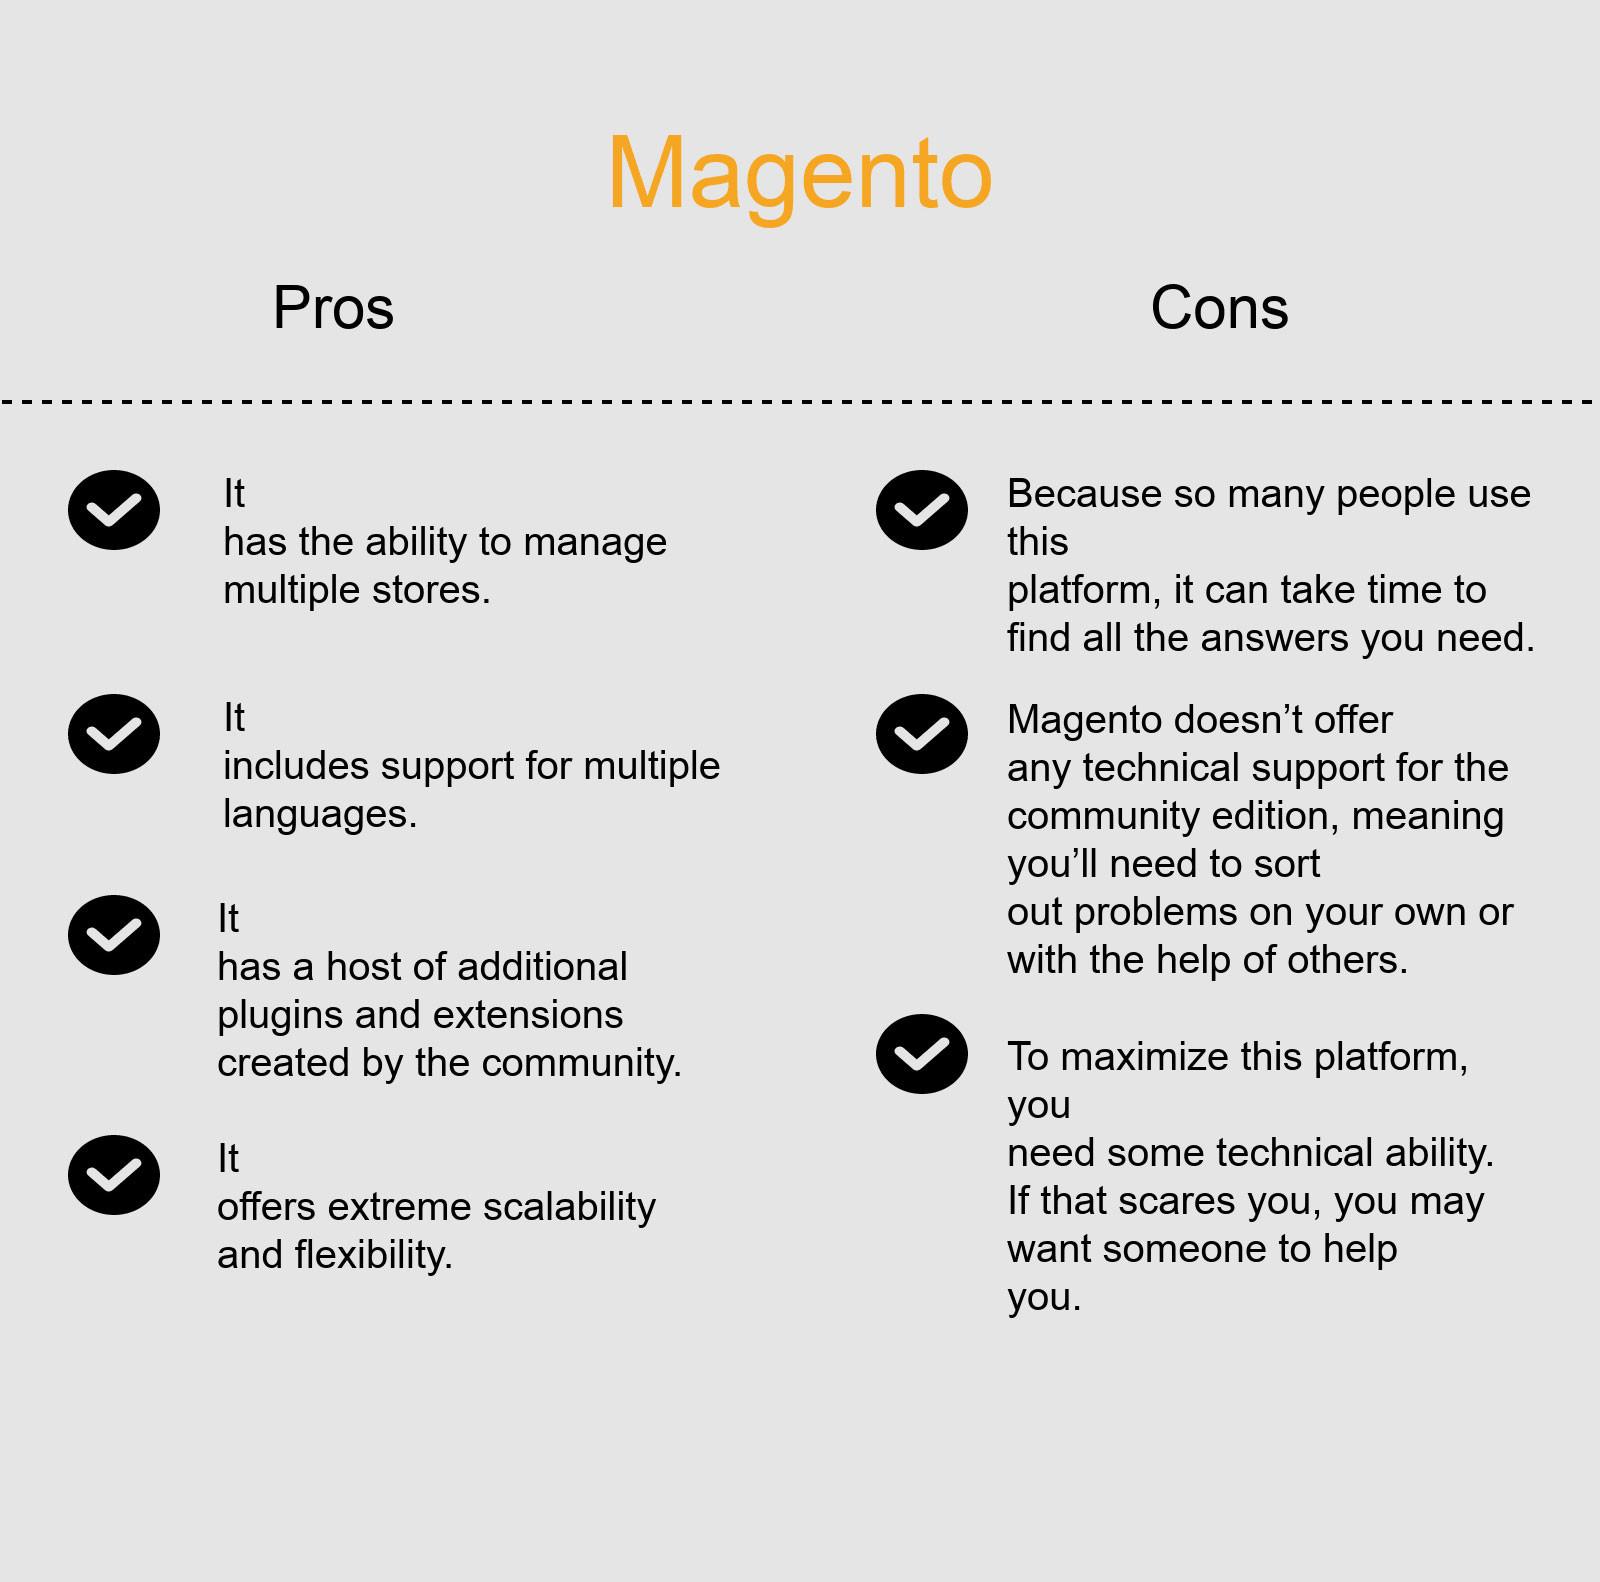 Еще одно преимущество Magento это большой выбор плагинов и дополнений